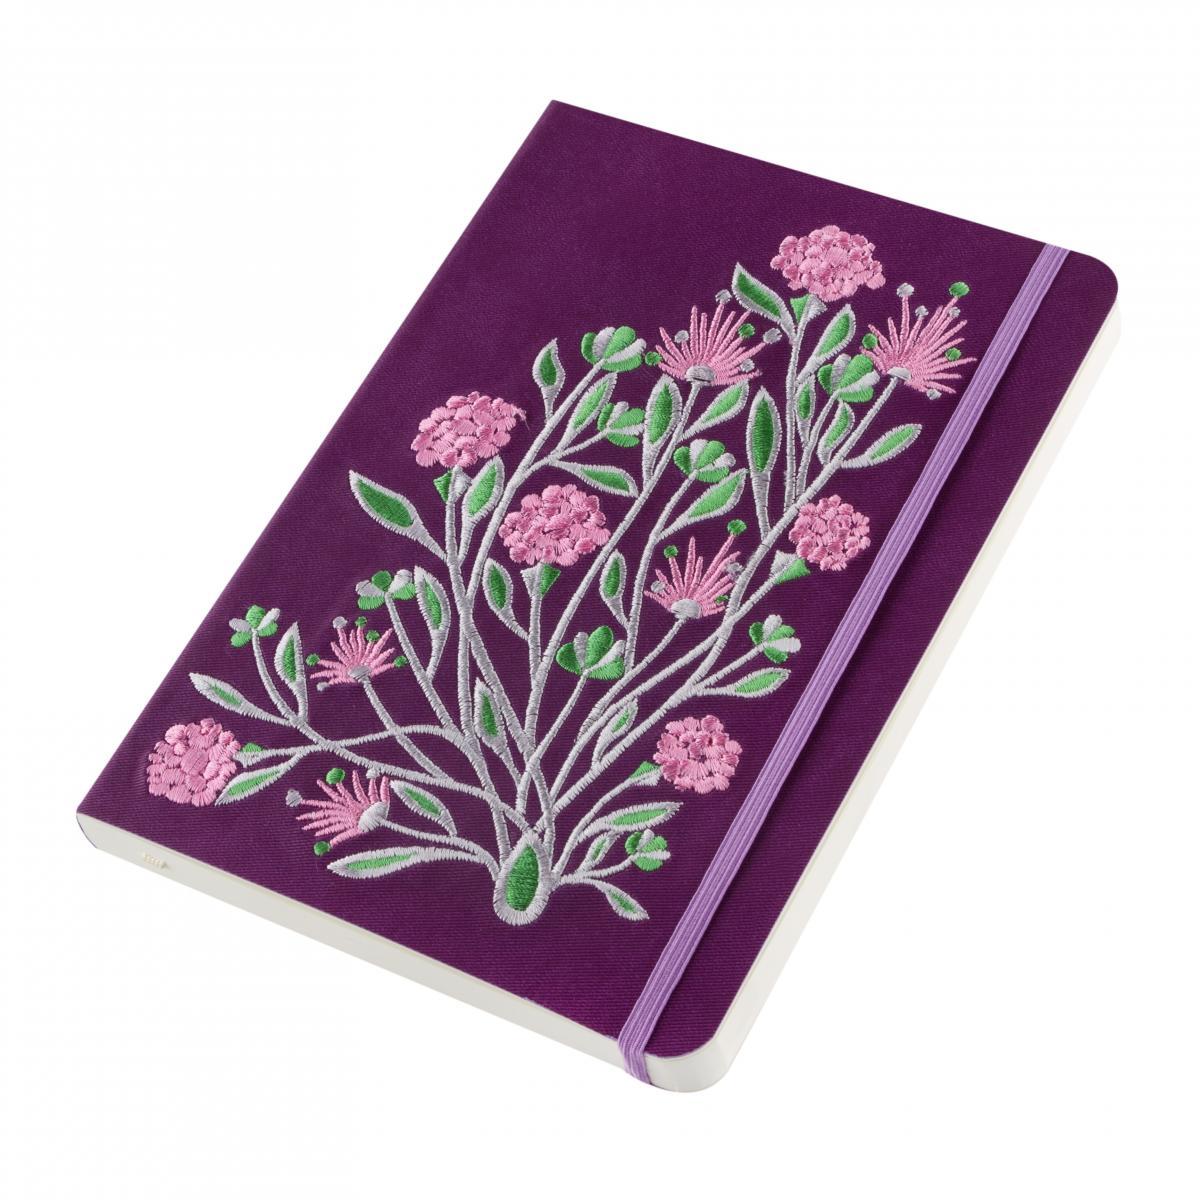 Блокнот фиолетового цвета с вышитыми цветами в коробочке. Фото №3. | Народный дом Украина